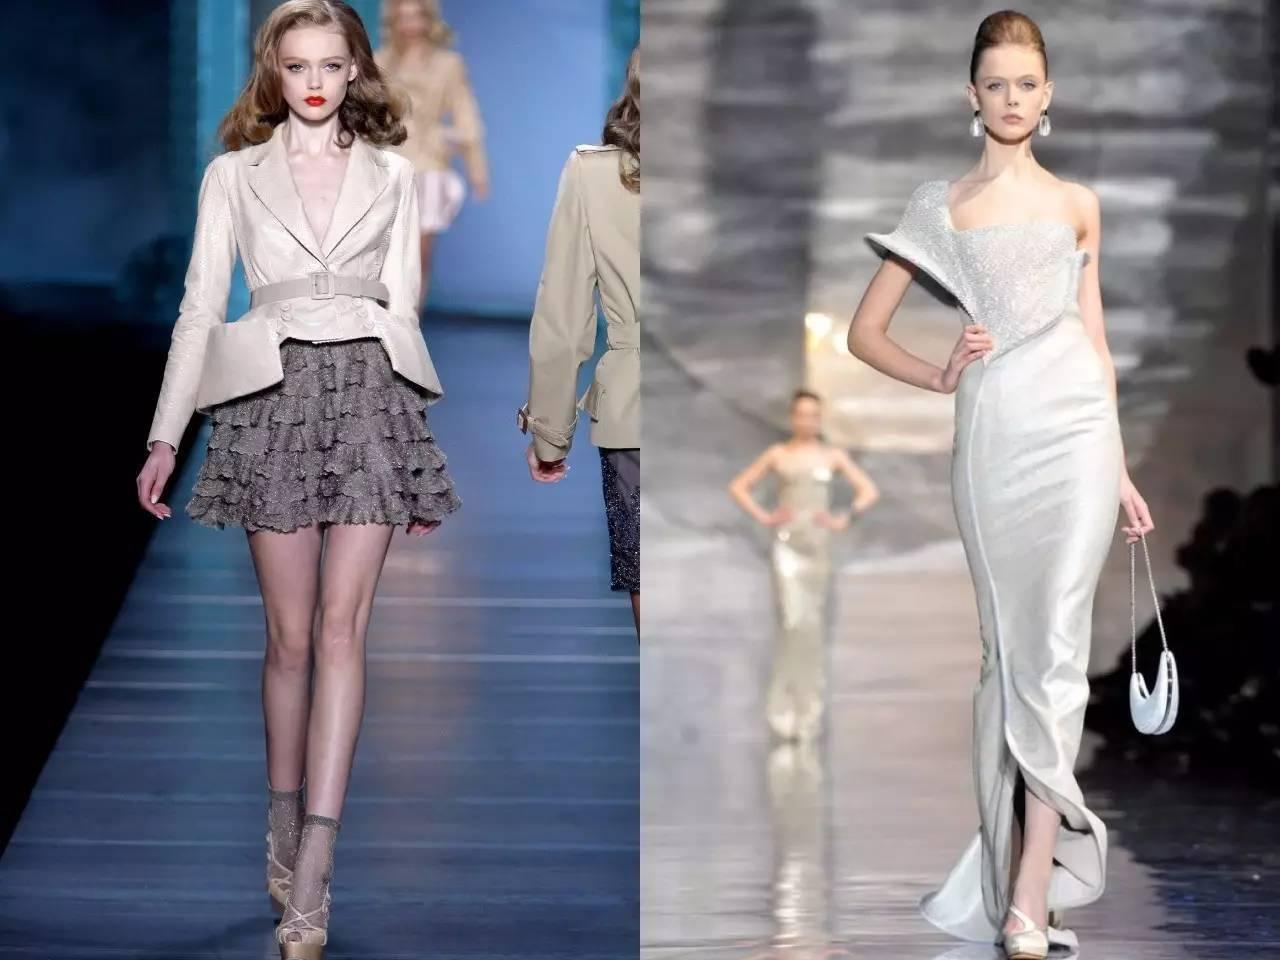 此后,frida几乎成了仙女系模特的第一代言人,valentino,anna sui,nina